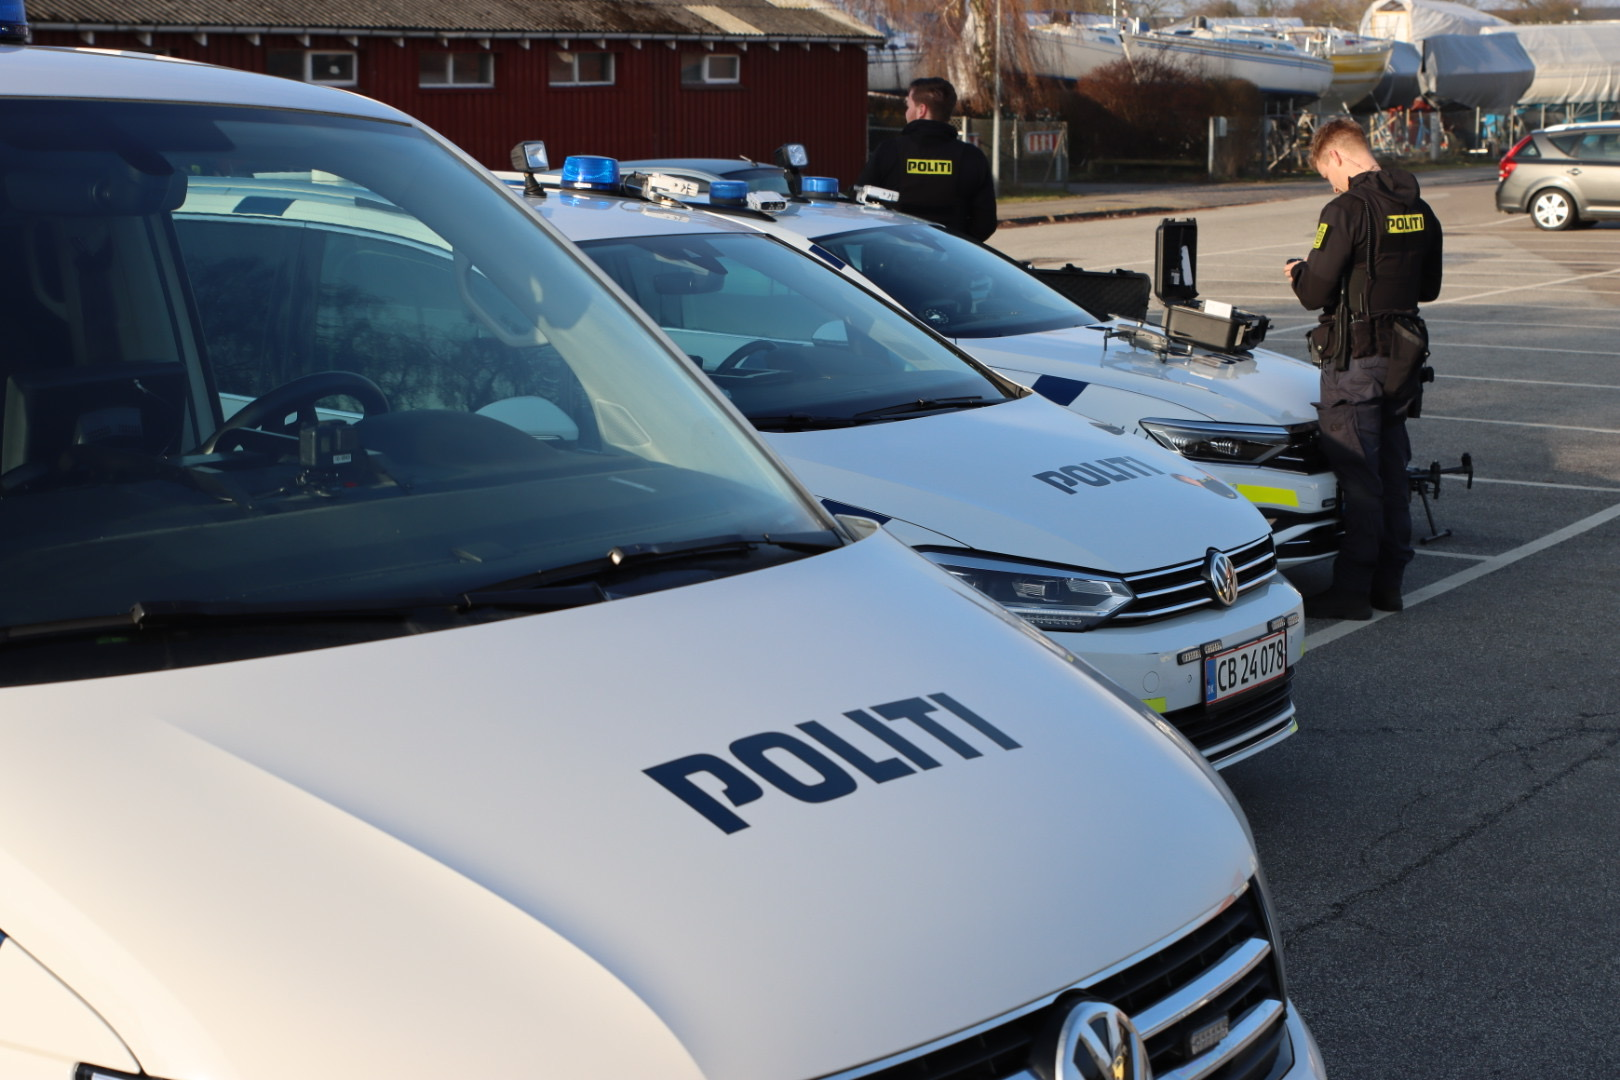 Politiet søger med drone og helikopter ved Hvidovre havn